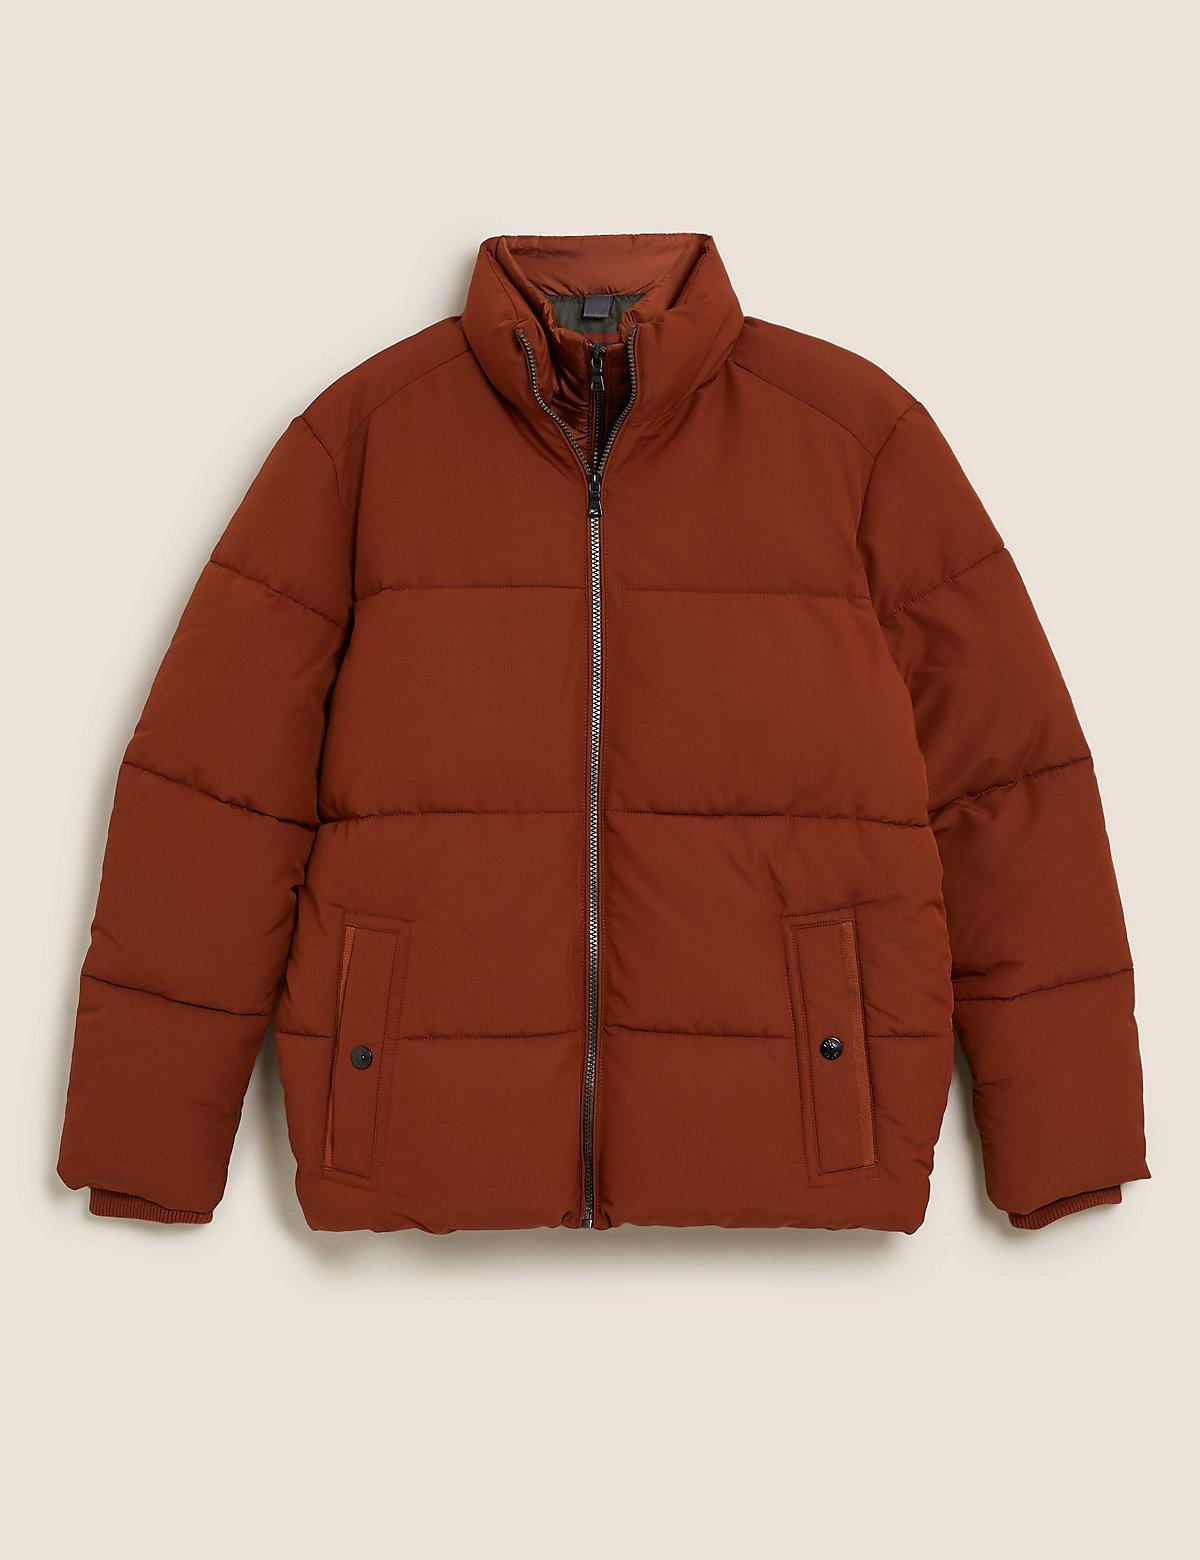 Дутая куртка-пуховик с Stormwear ™